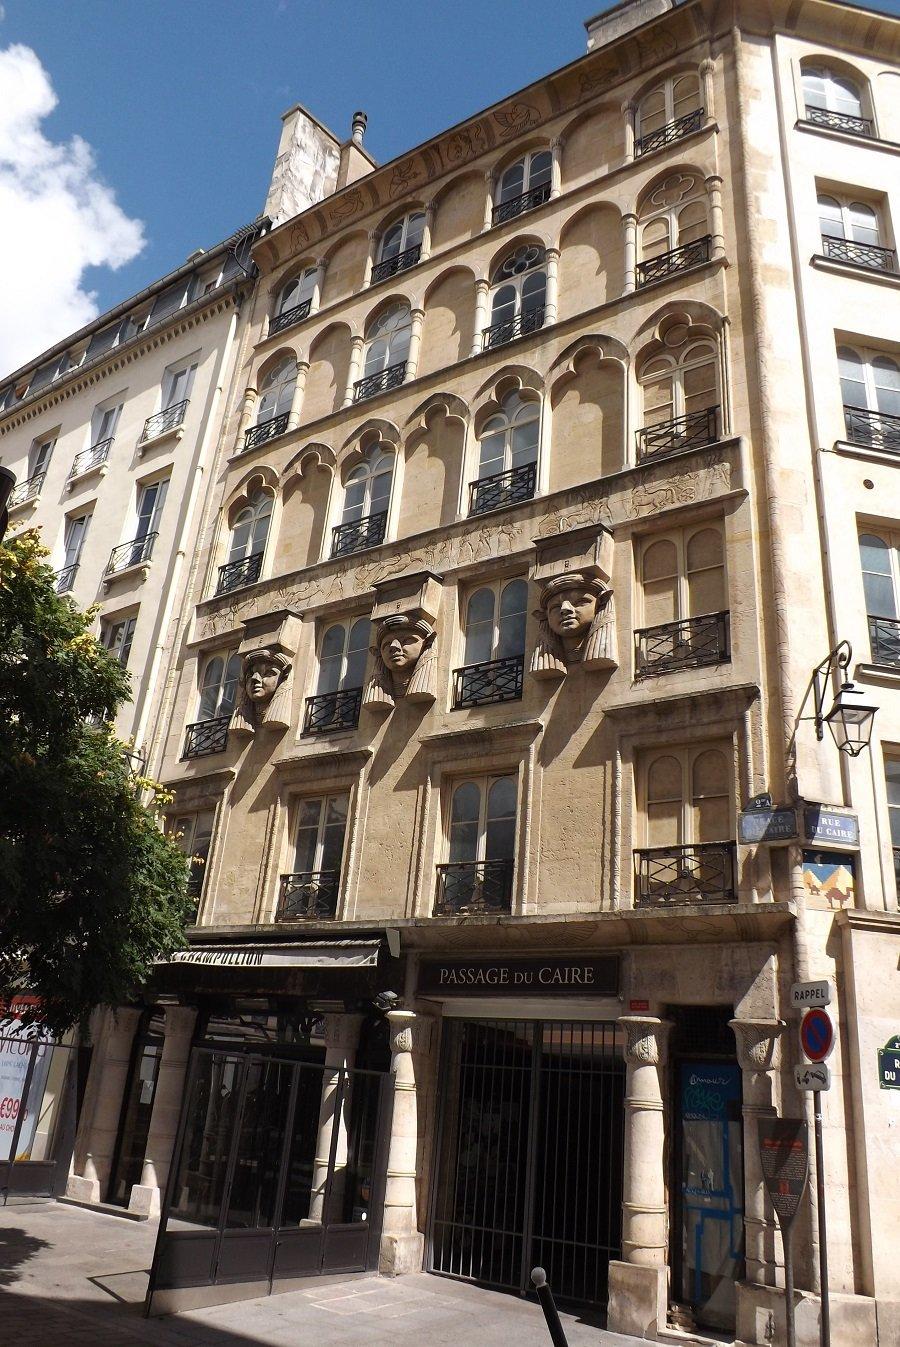 passage du caire façade